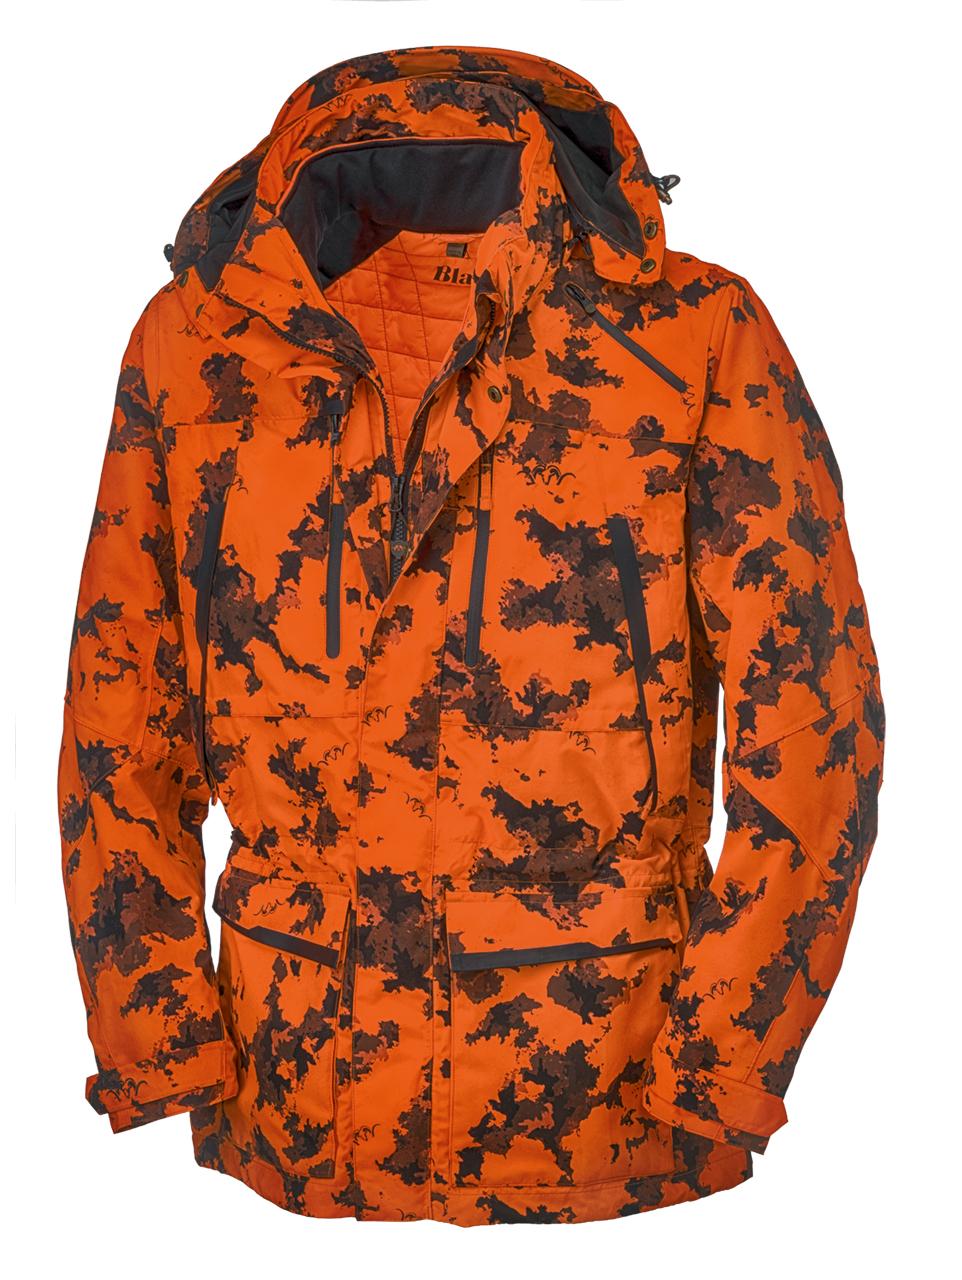 981a064ae7c2dd Bayerwald Jagd & Forst | Blaser Blaze 2-in-1 Jacke Herren blaze orange